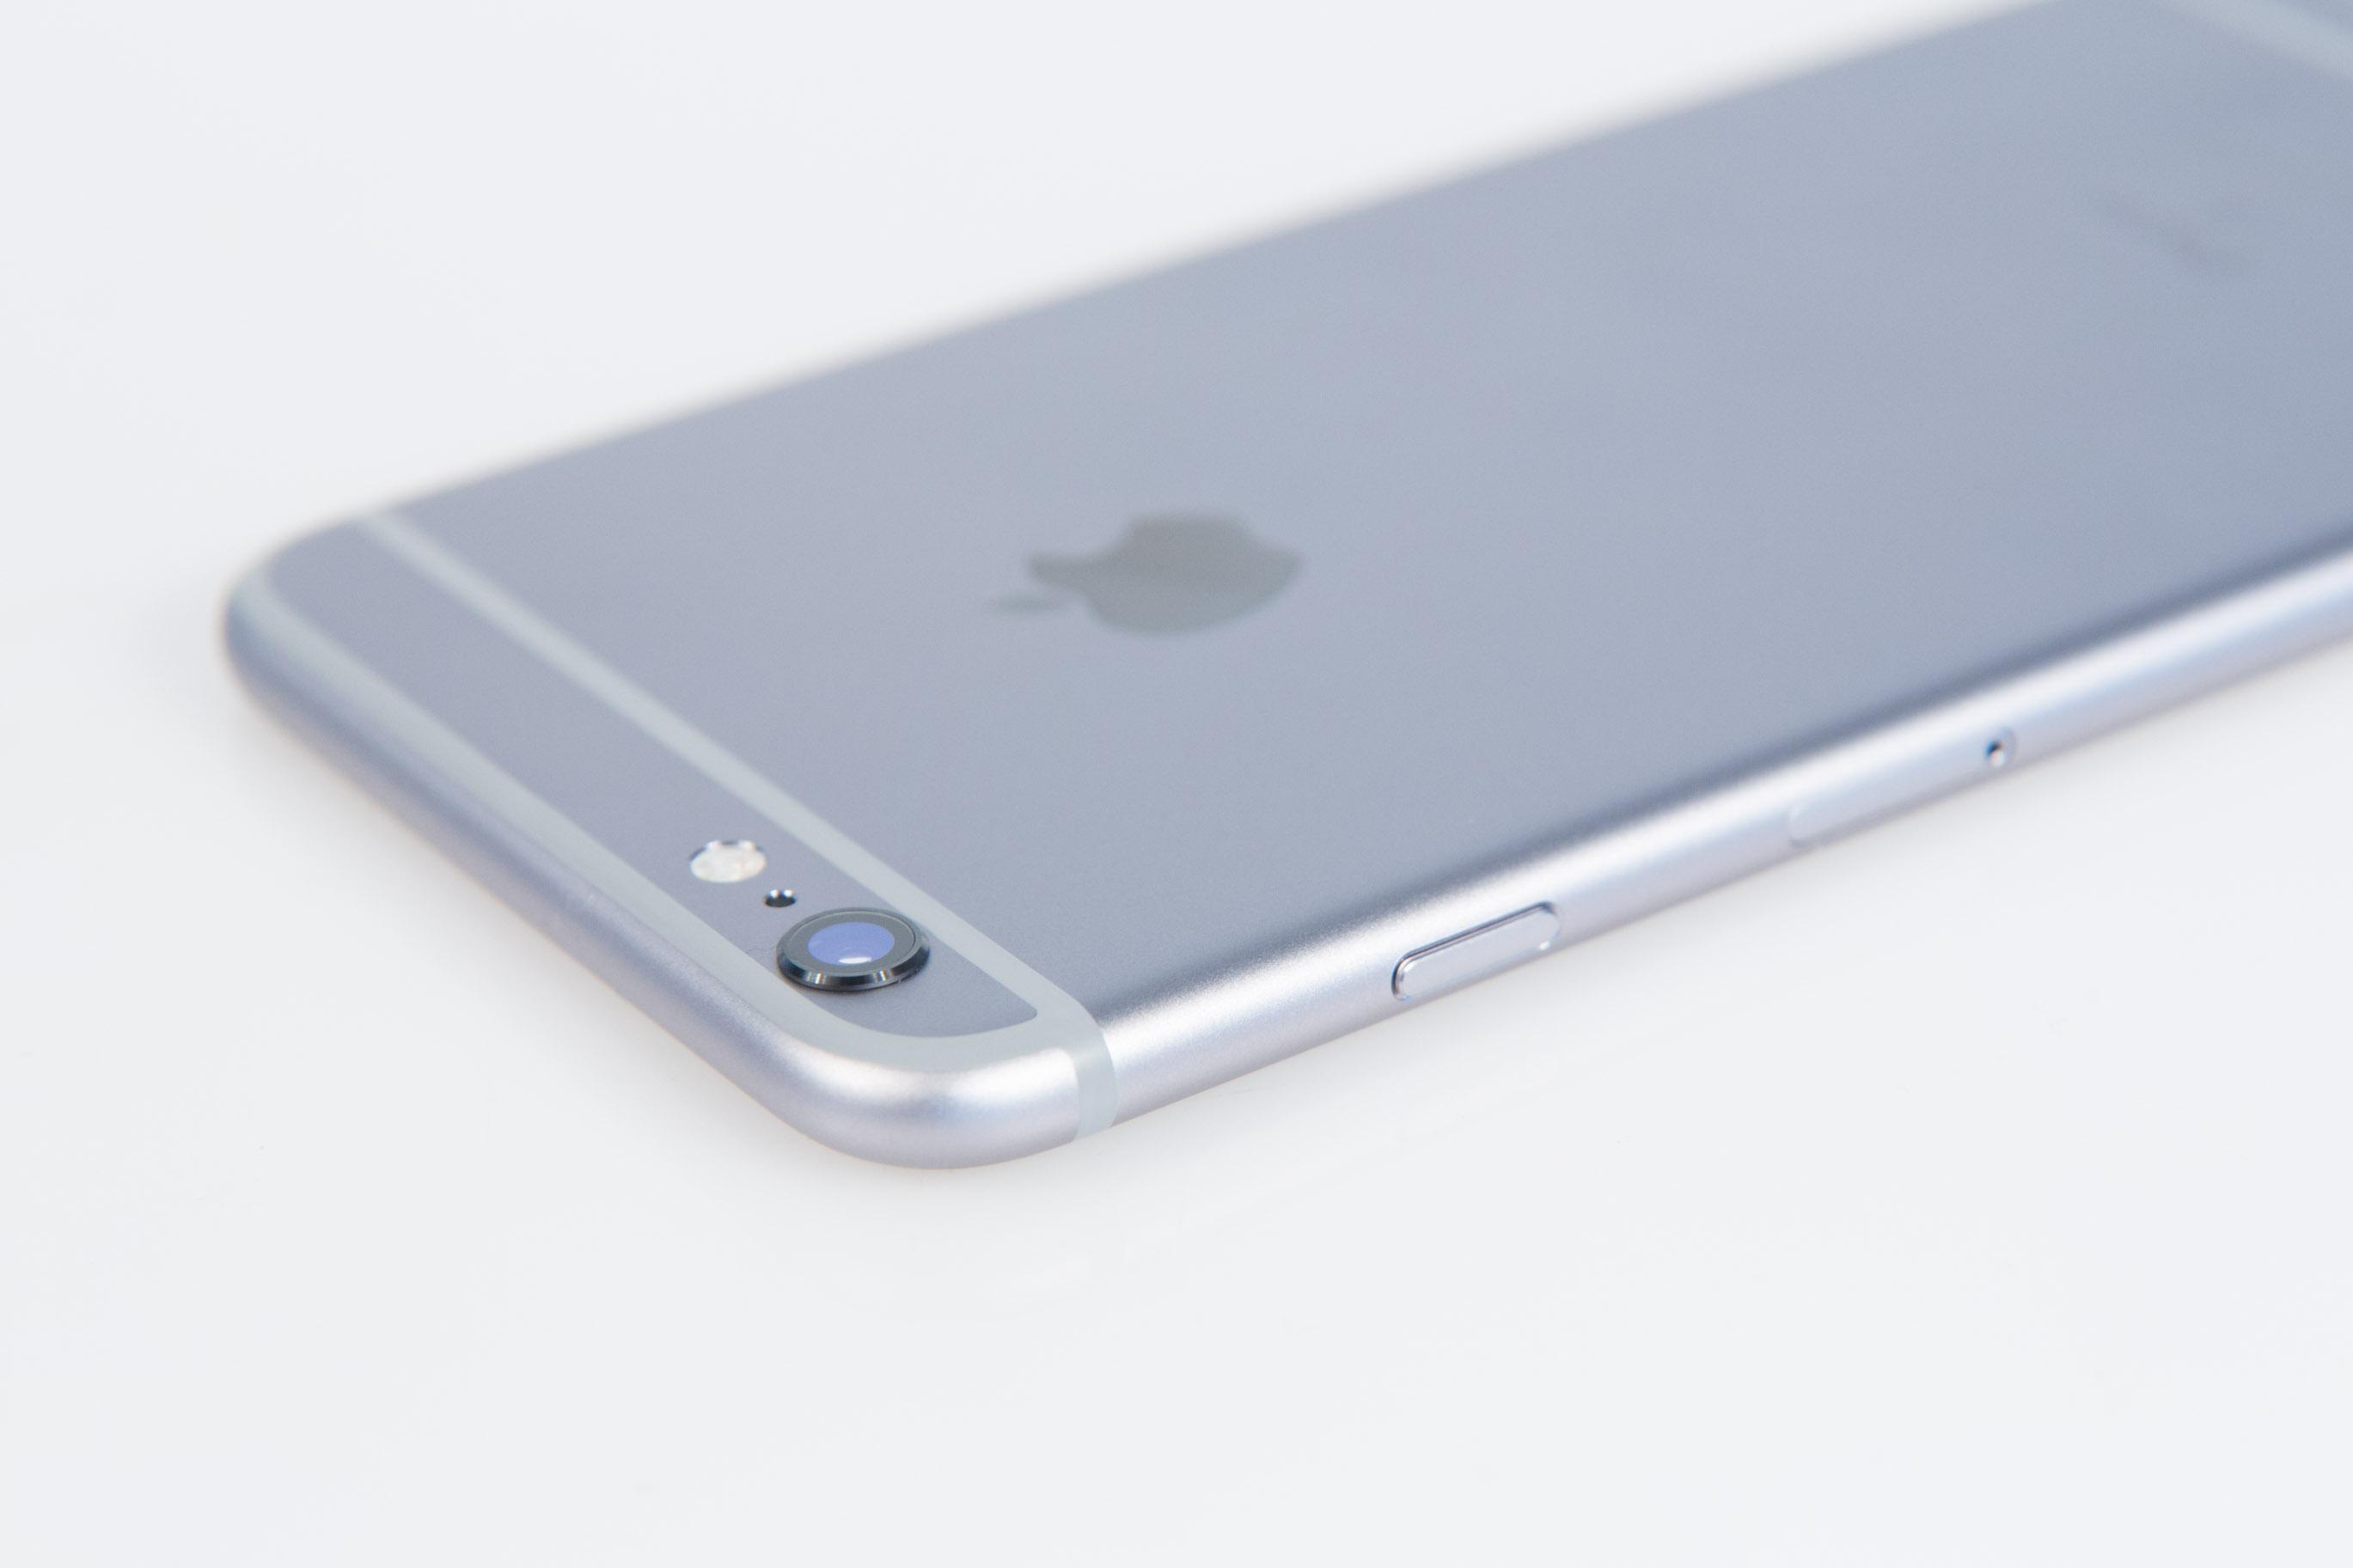 iPhone 6S Plus im Test: Ein so schnelles Smartphone gab es noch nie, aber - Das neue iPhone 6S Plus (Bild: Martin Wolf/Golem.de)